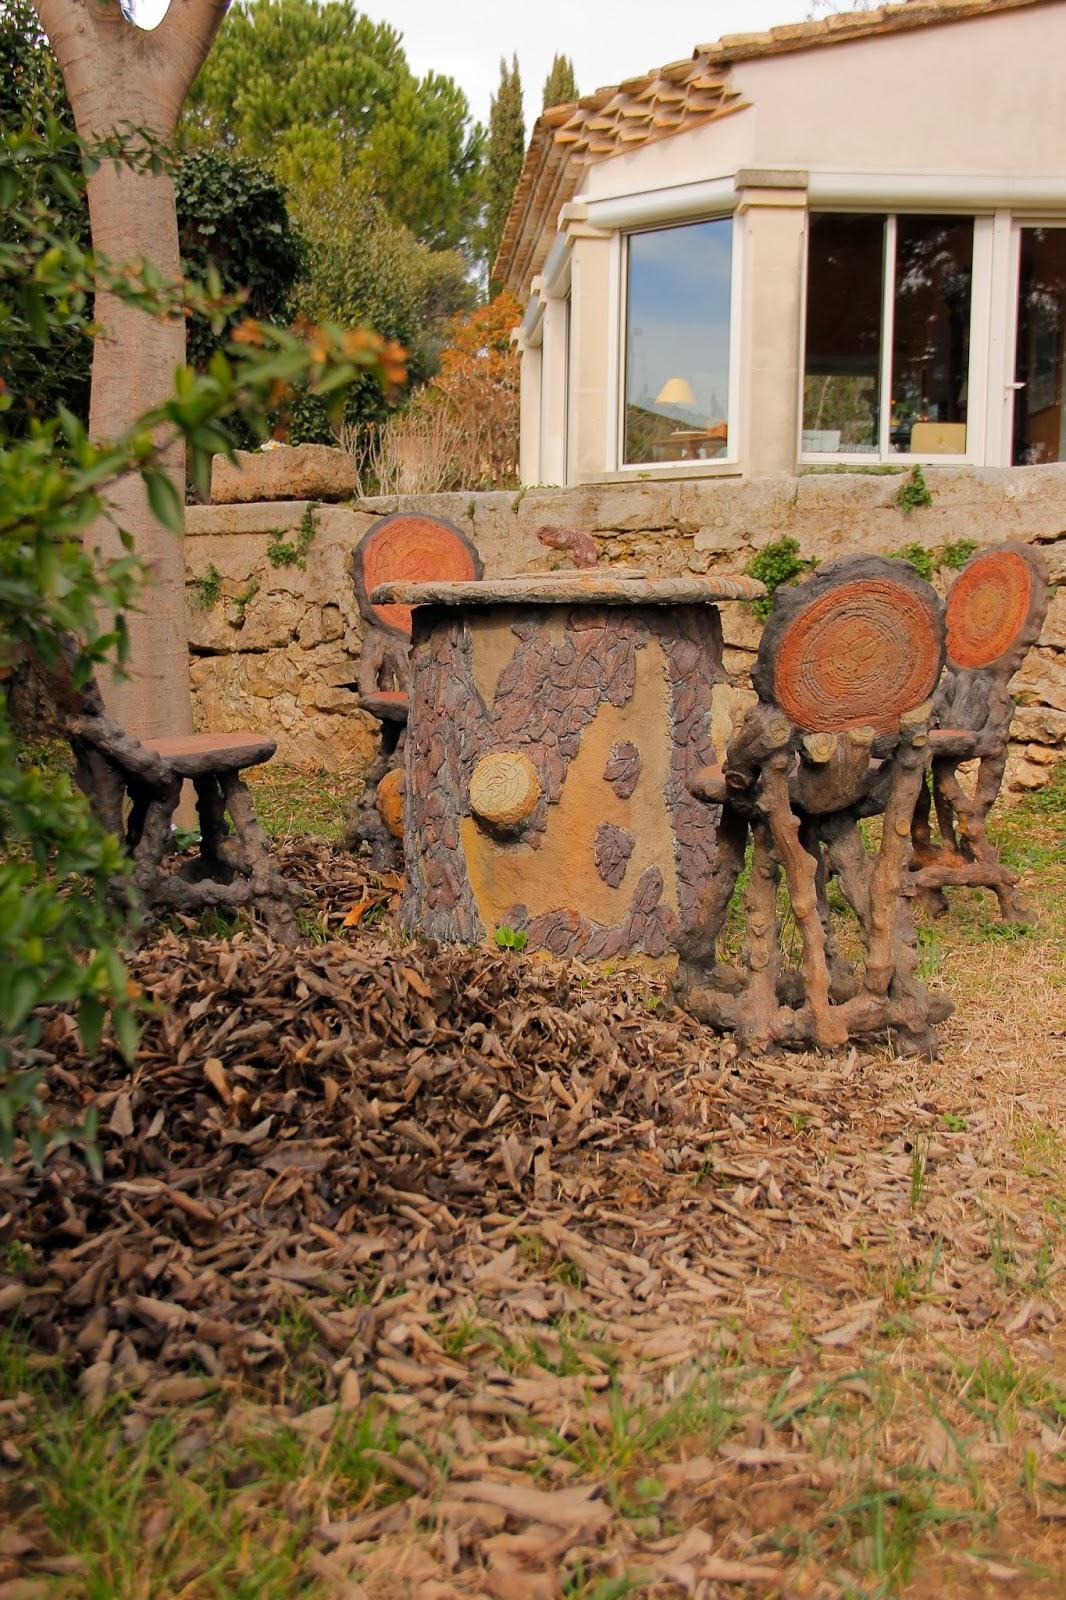 Rocailleurs et jartdin bio georges navarro cailleur jo for Agrementer un jardin